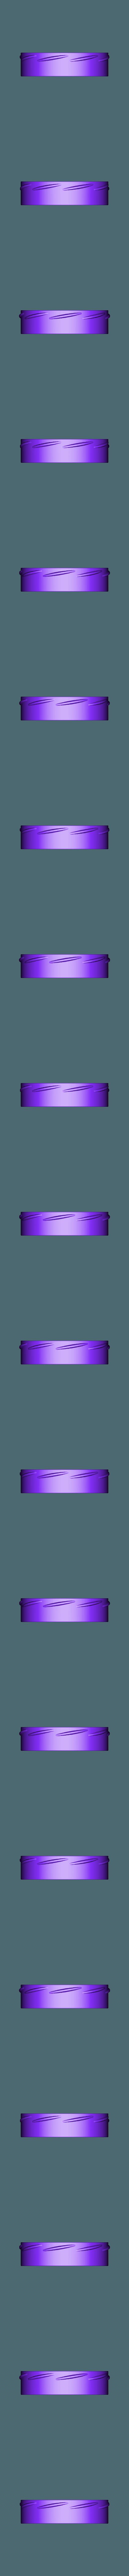 Case_v2_new.stl Télécharger fichier STL gratuit Boîte pour papier abrasif • Plan imprimable en 3D, perinski